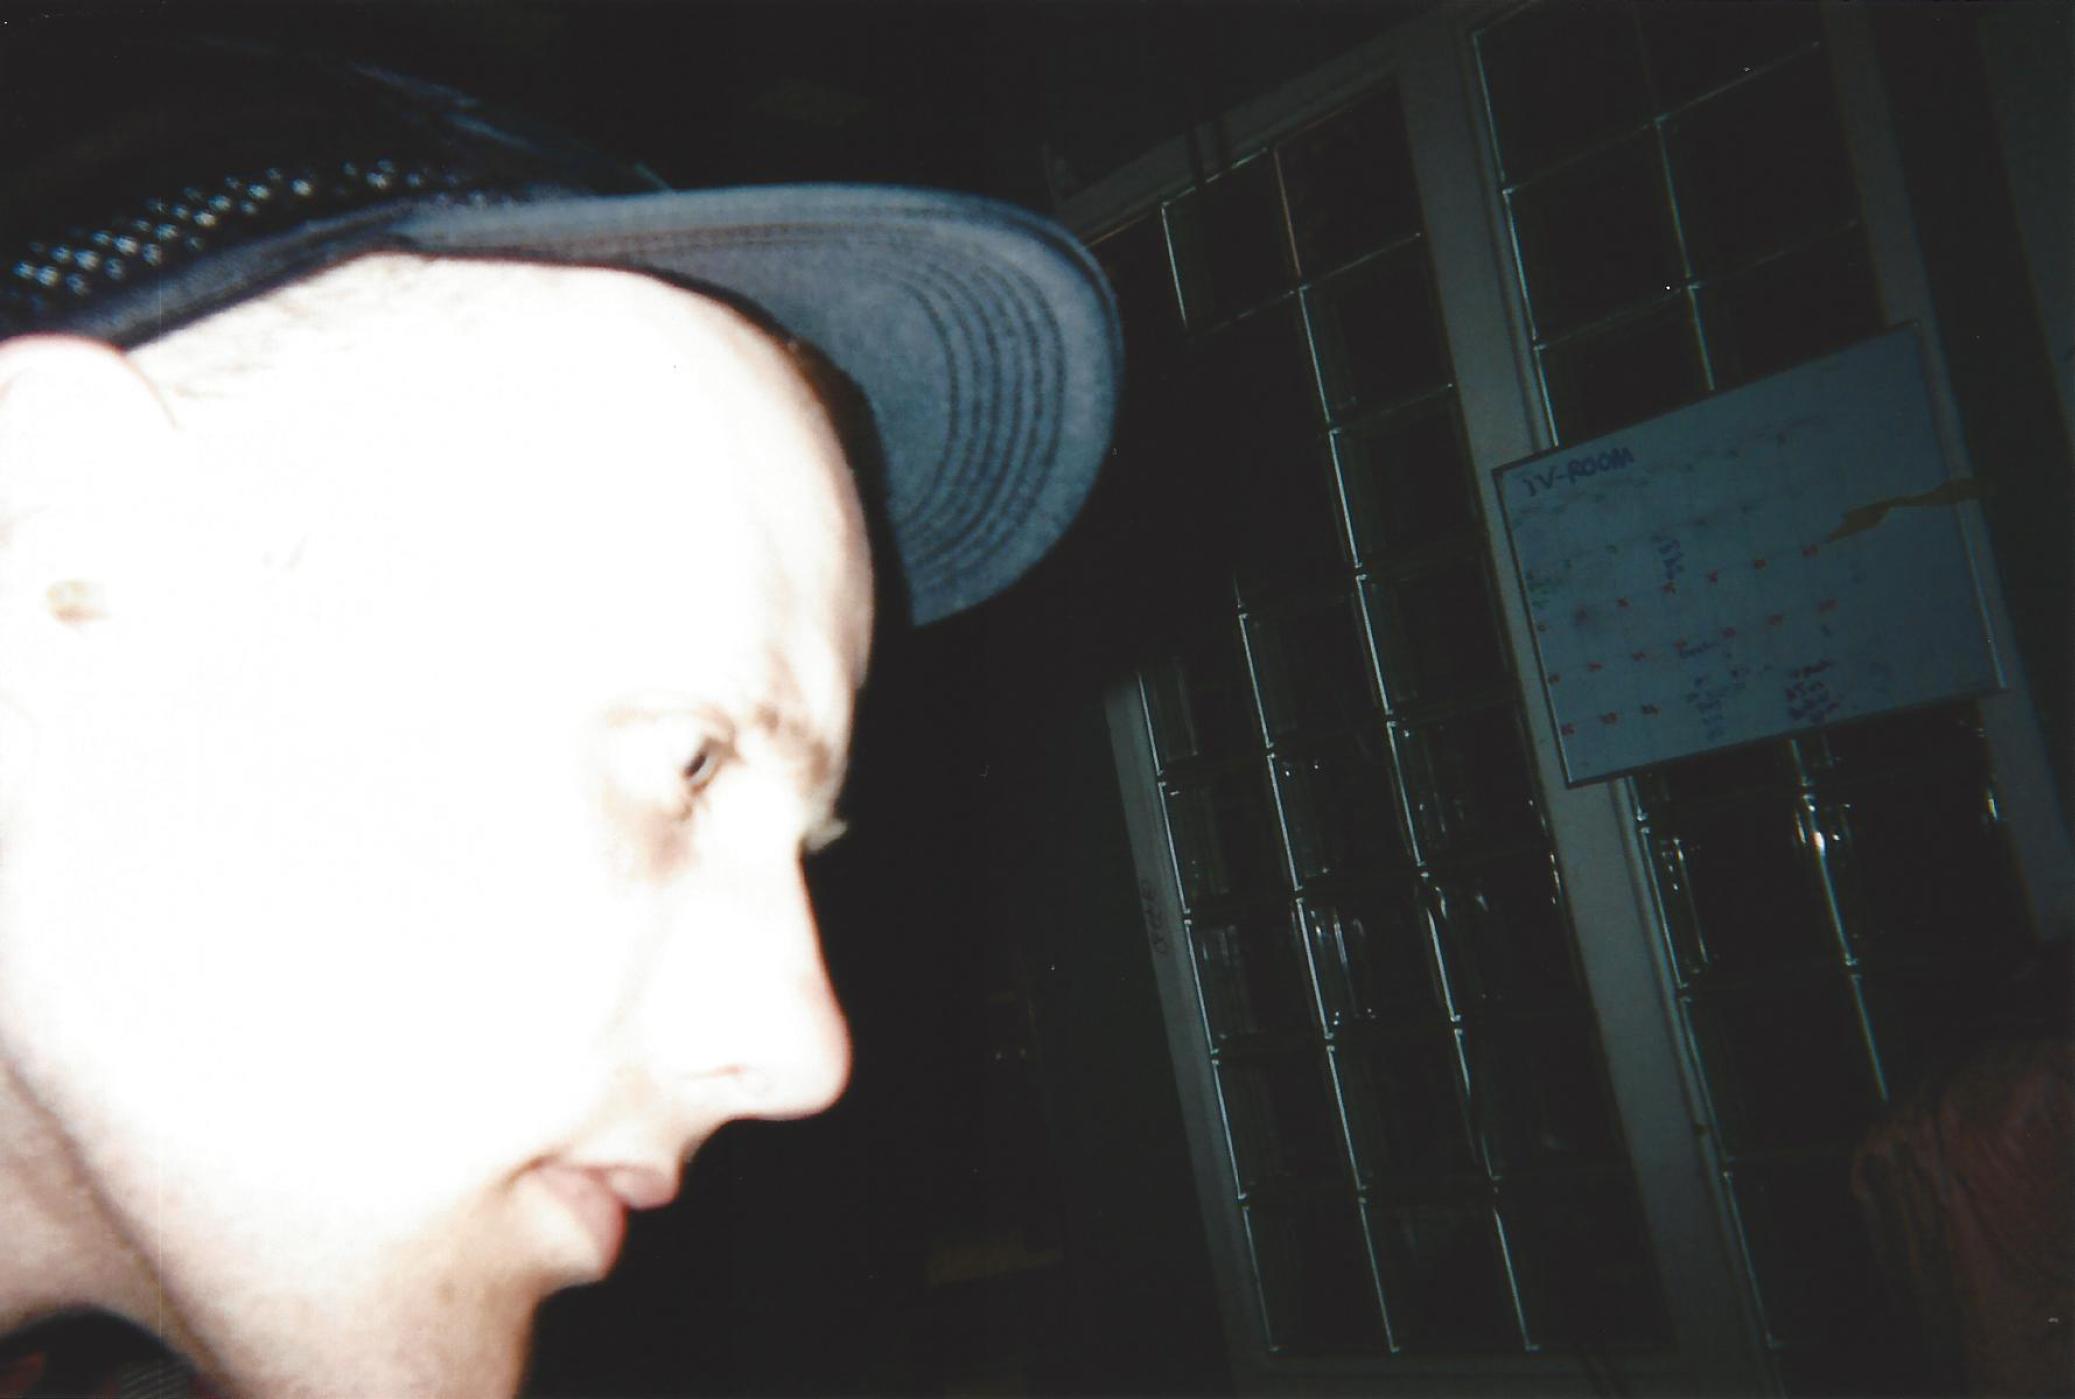 scan0015-8 copy.jpg